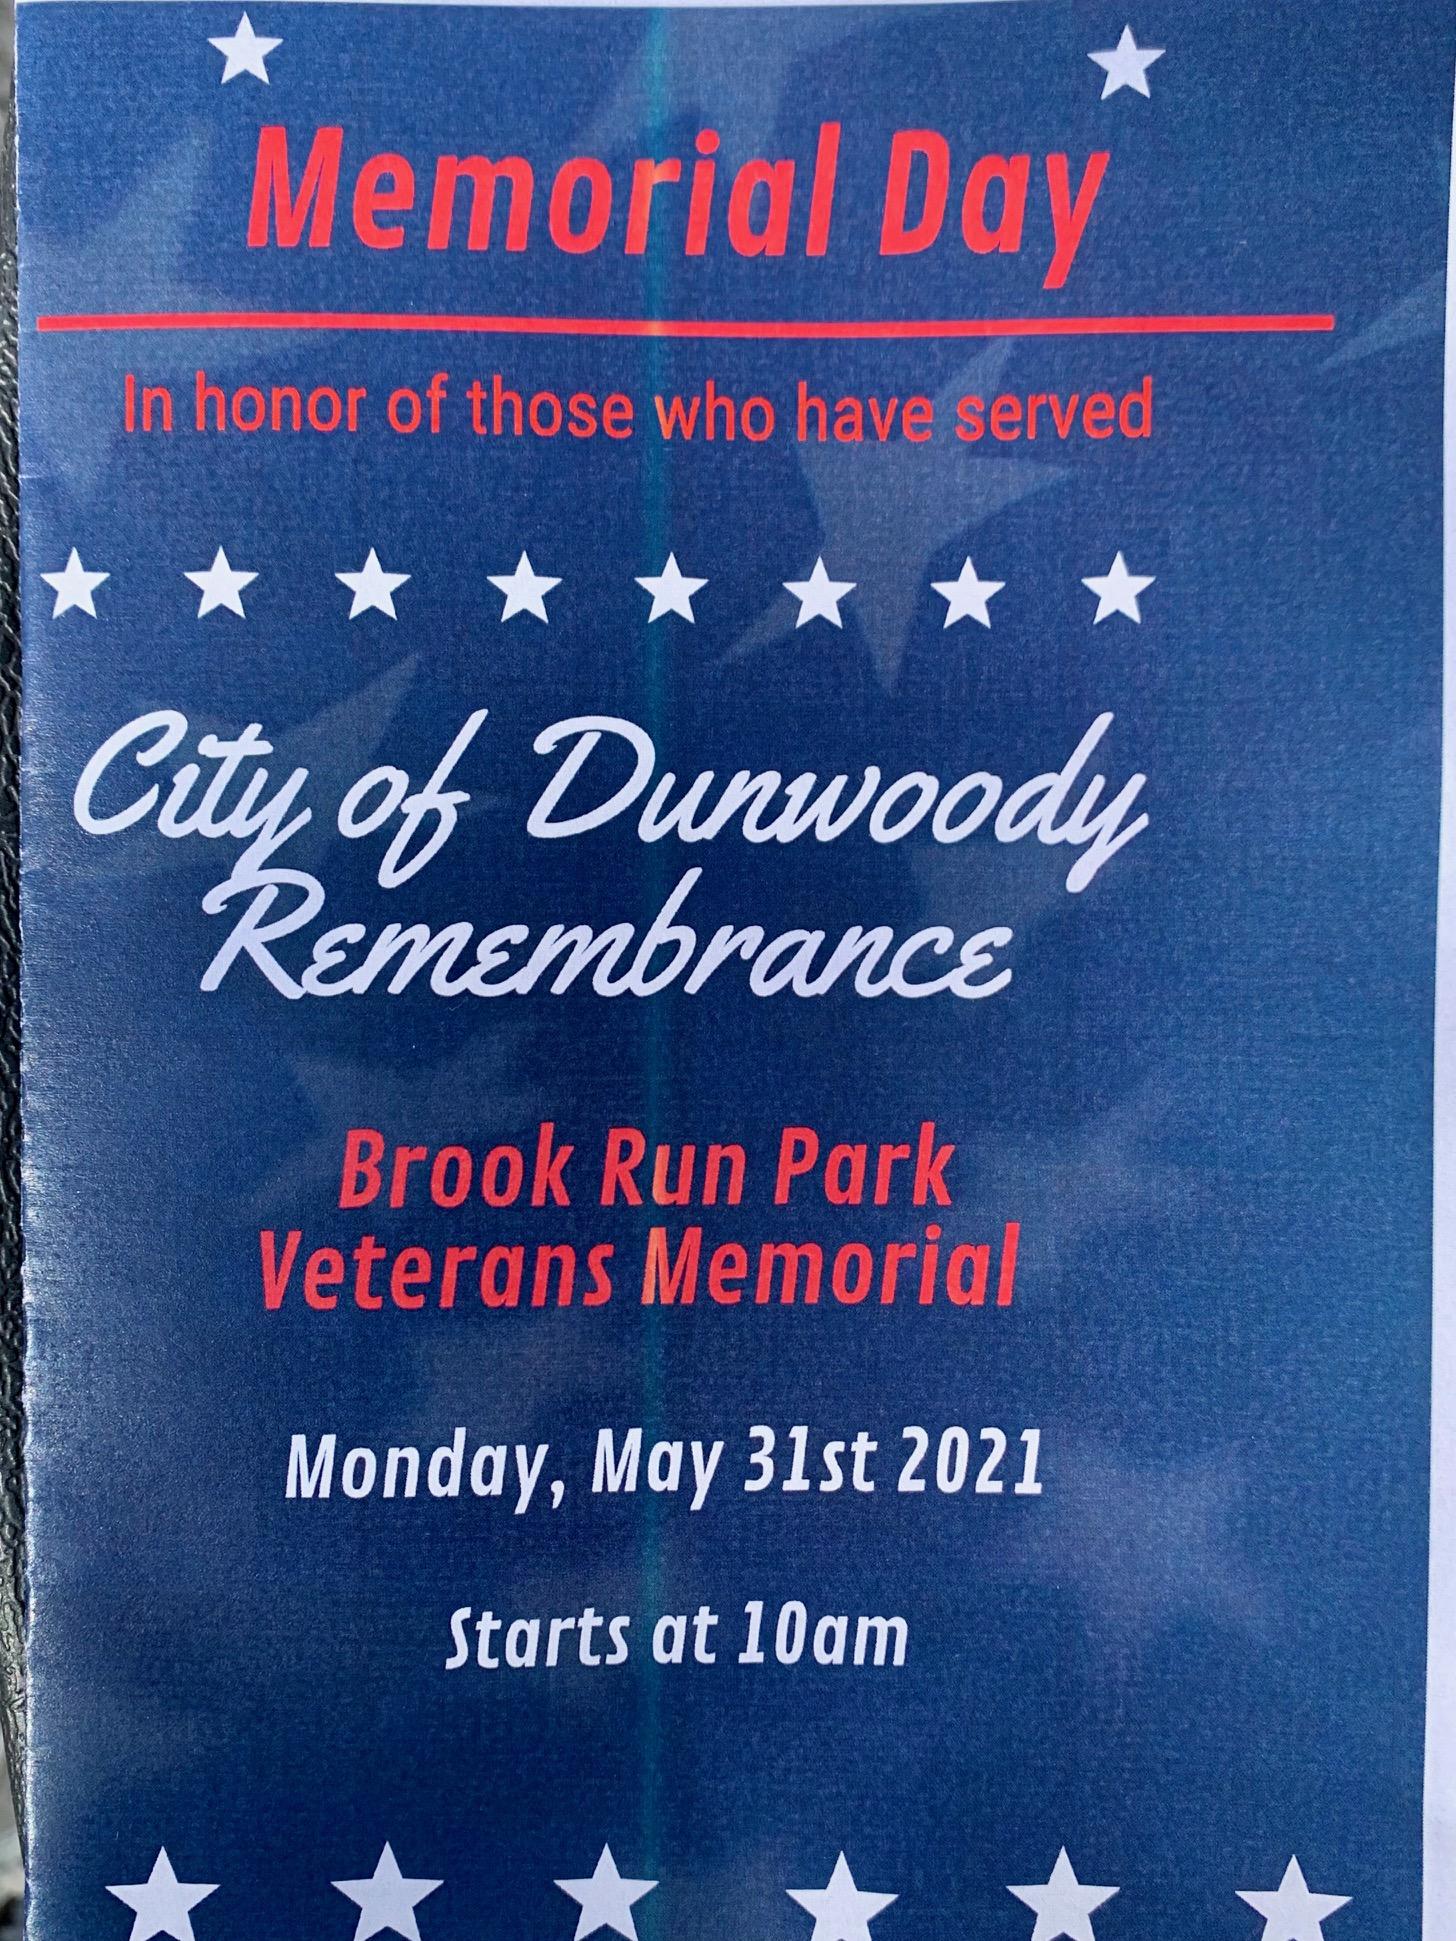 DunwoodyMemorial2021_02